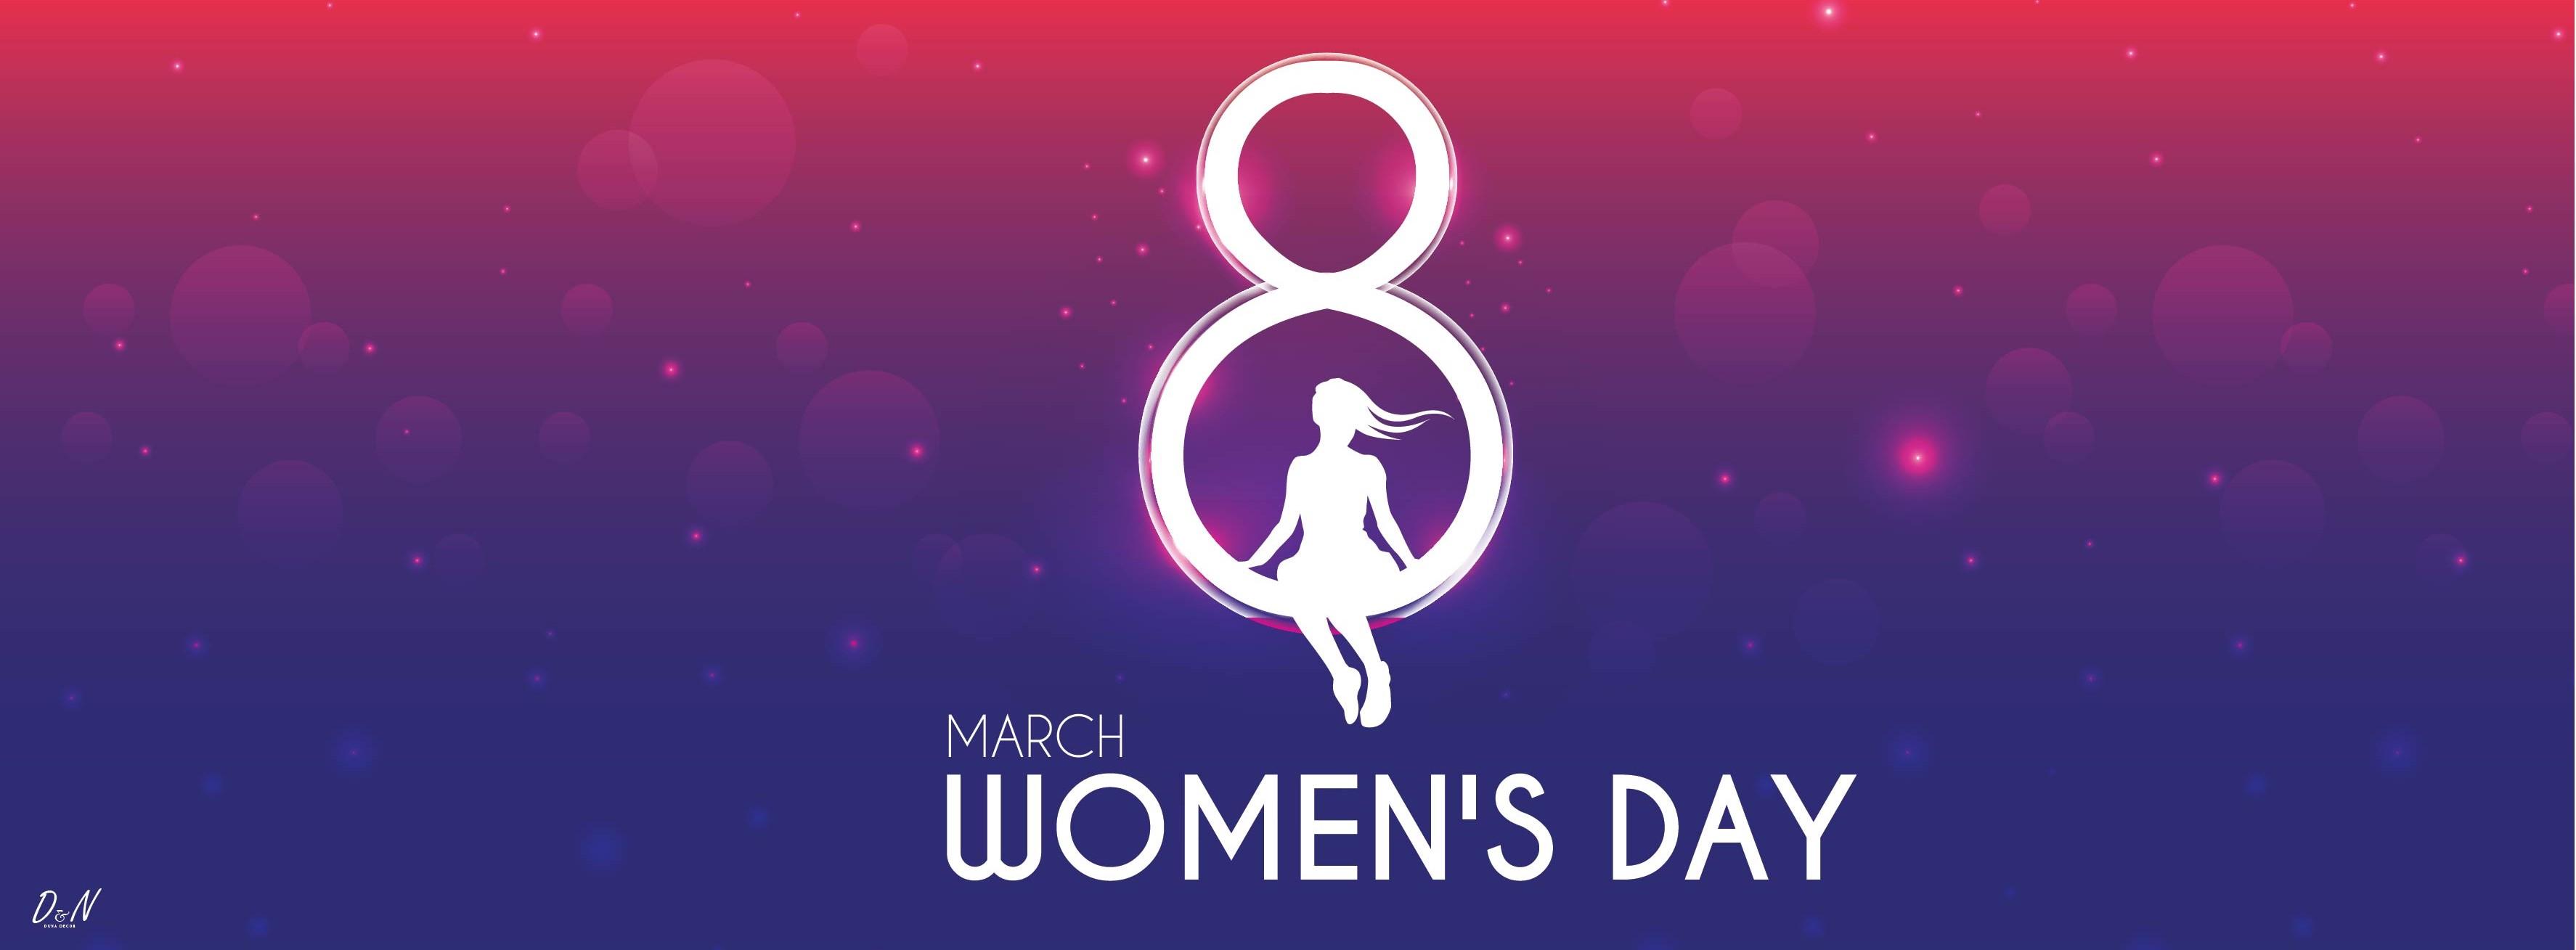 ... Đây cũng là một lựa chọn cho bạn yêu màu tím \u2013 Ảnh bìa Facebook 8/3 đẹp nhất Happy Women ...